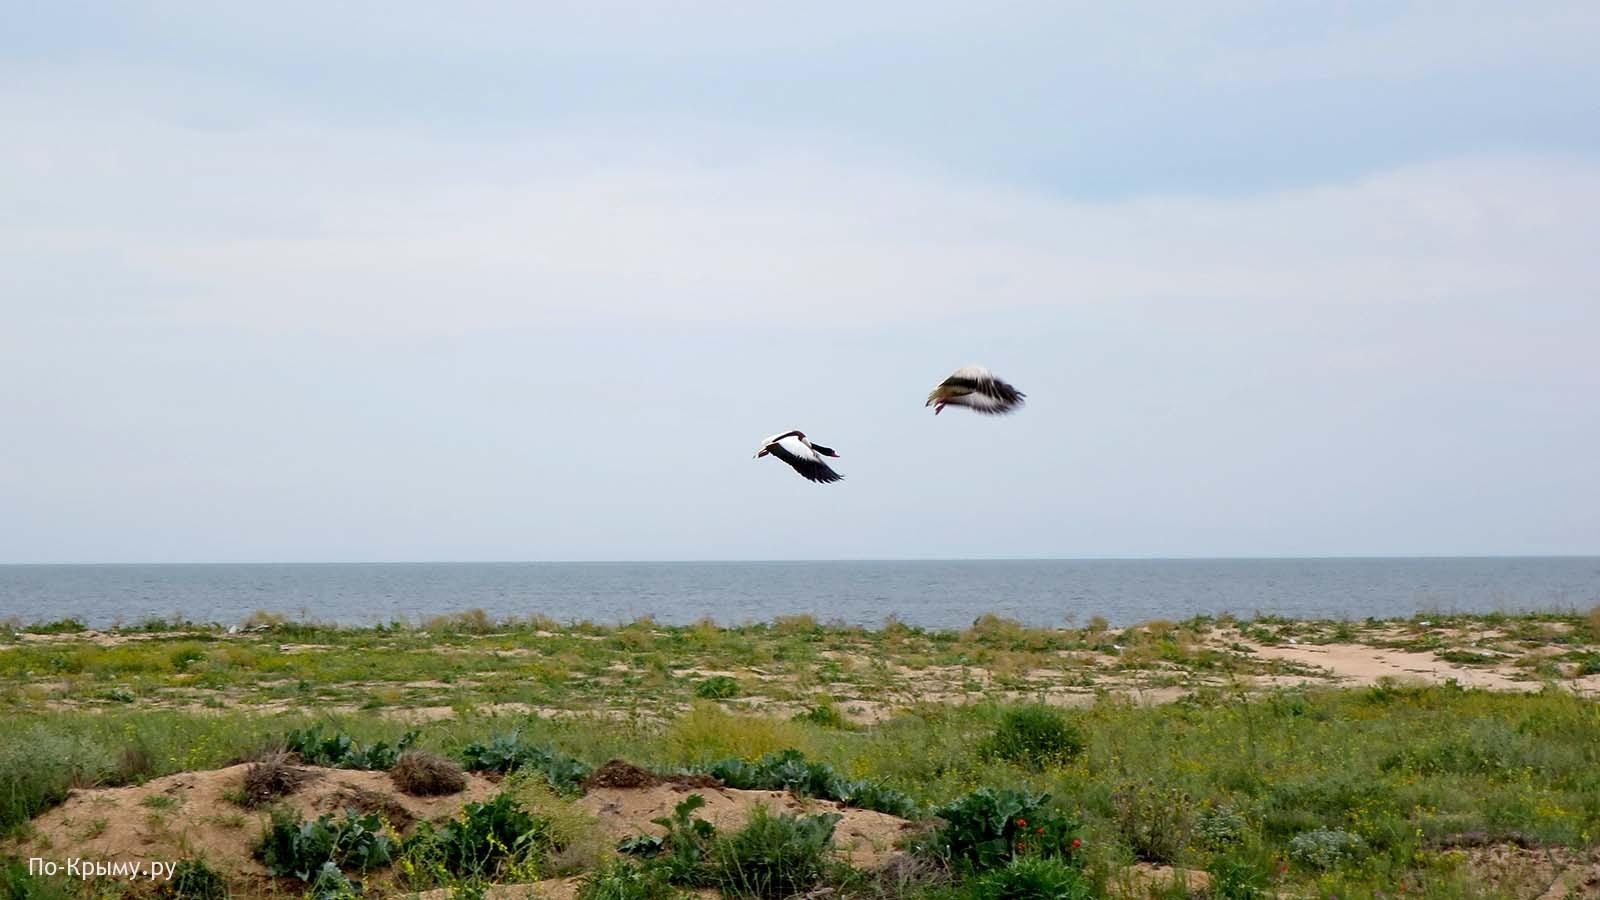 Азовское море, Арабатская стрелка, дикий пляж